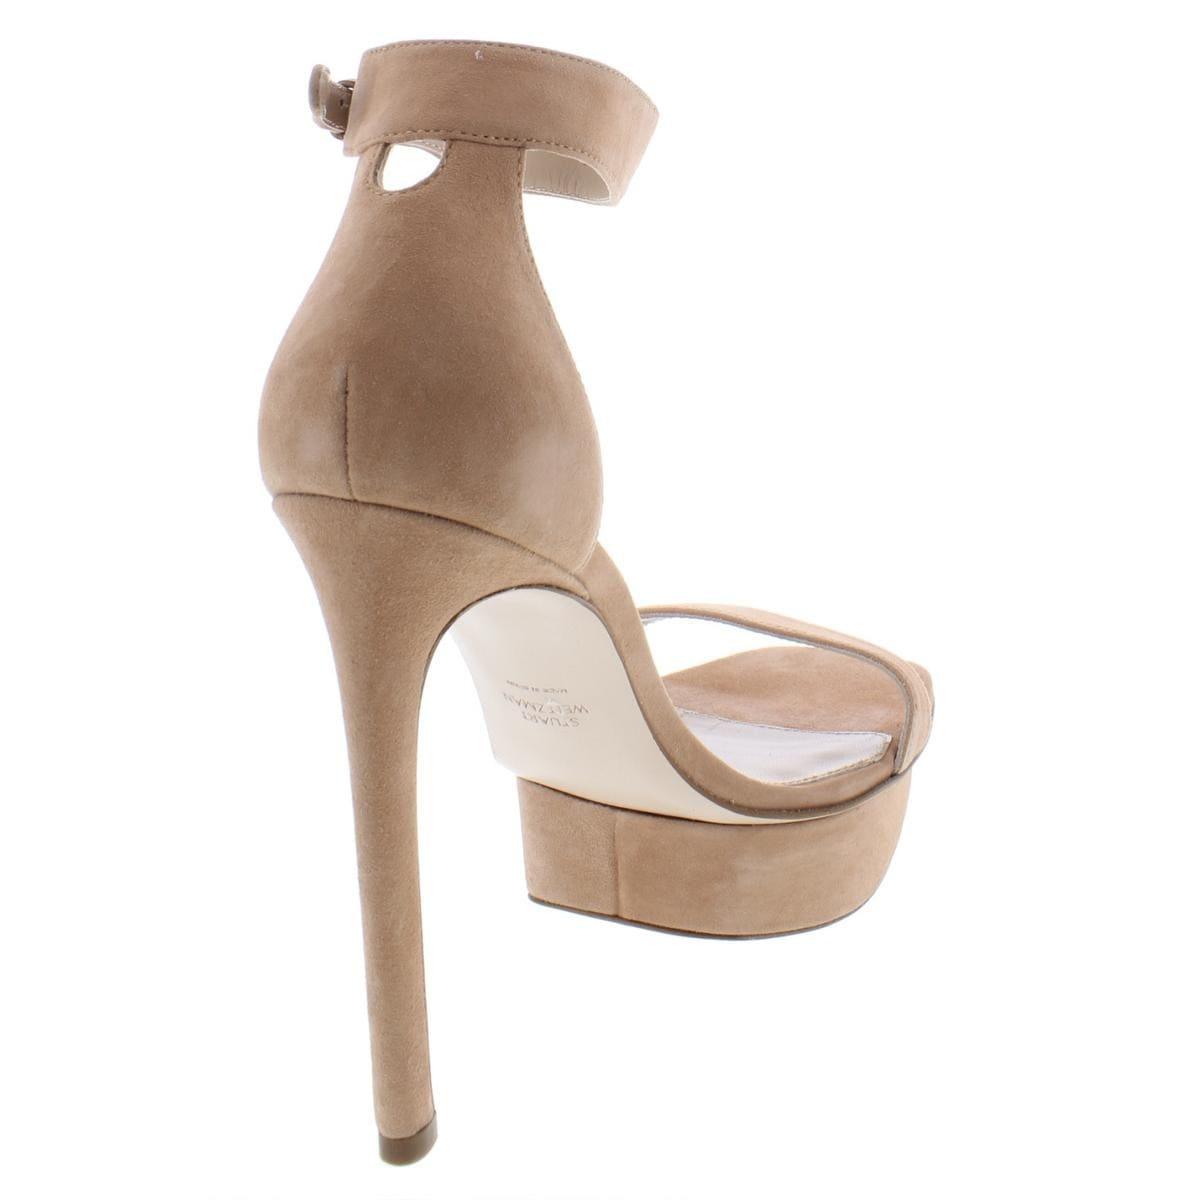 6b4a01087f9 Shop Stuart Weitzman Womens Backupplat Platform Sandals High Platform -  Free Shipping Today - Overstock - 26063561